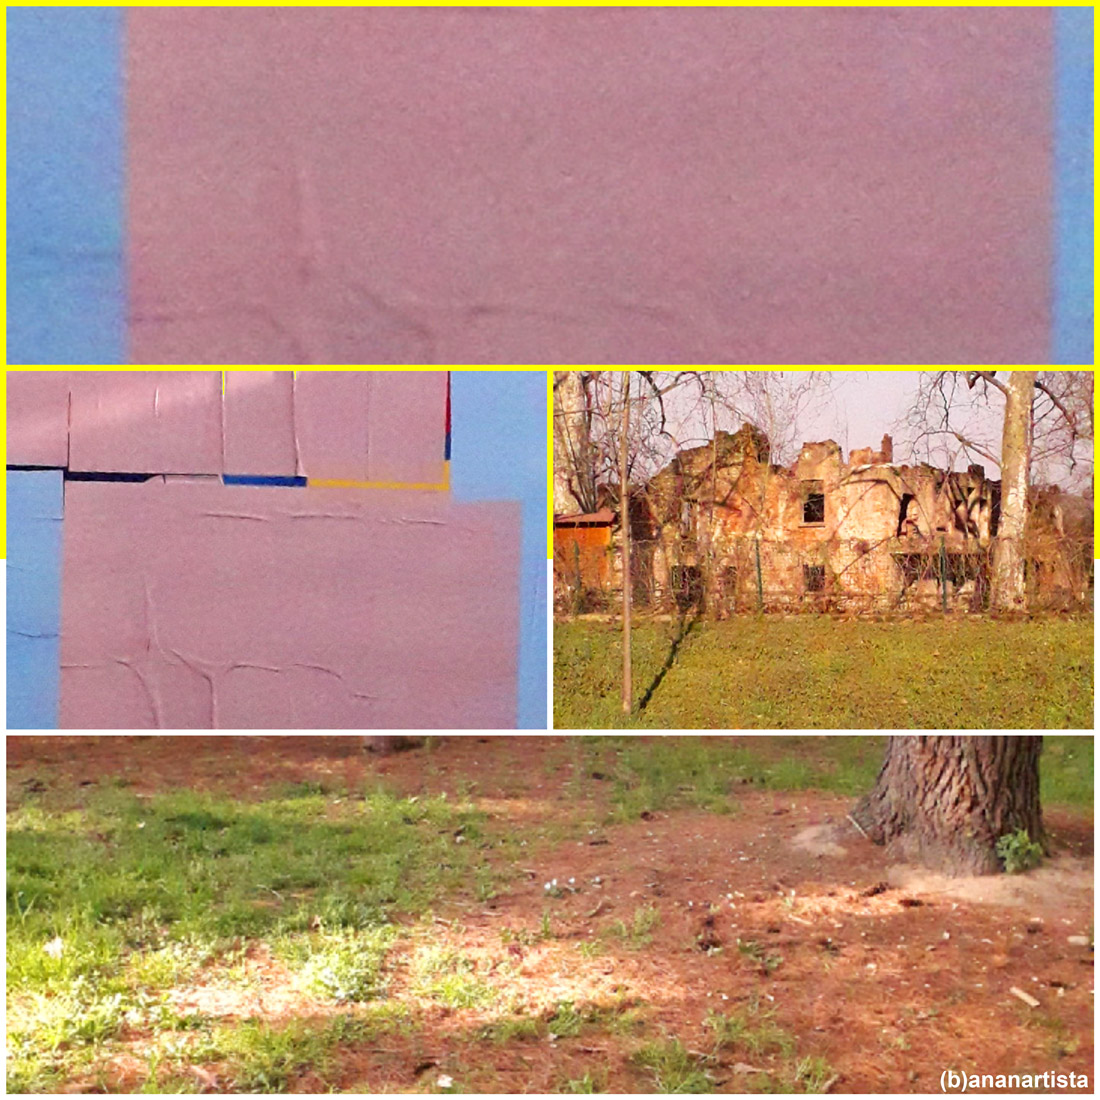 la ricchezza del silenzio sulle rovine: fotografia di (b)ananartista sbuff